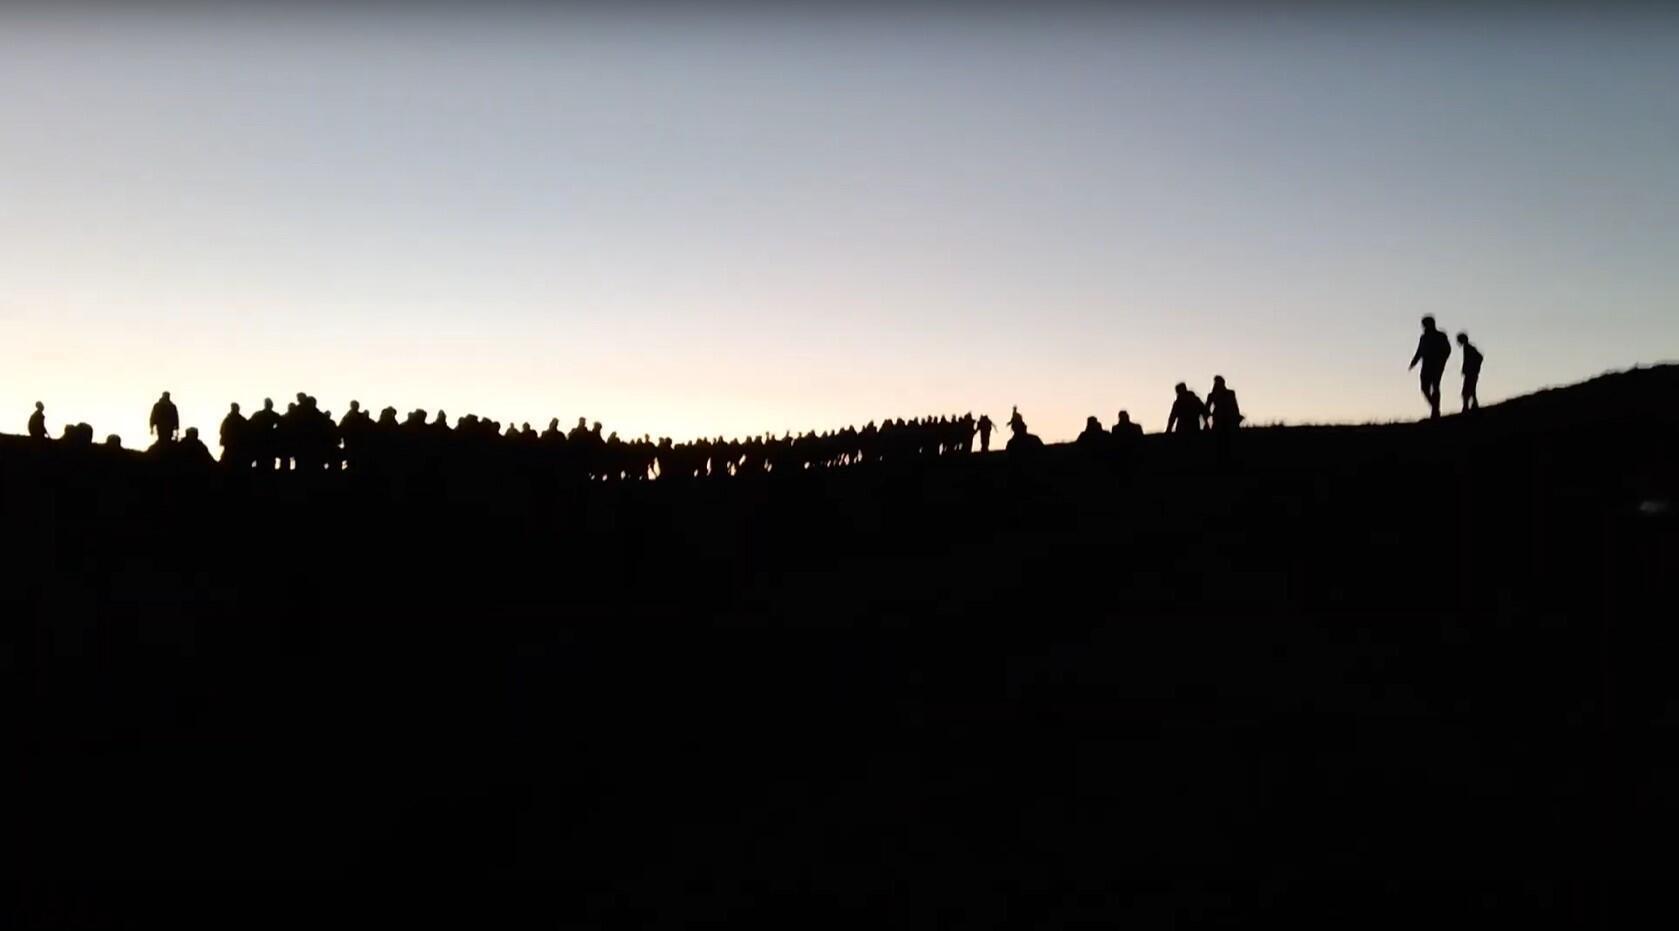 این تصویر برگرفته از ویدئویی که در تاریخ 12 ماه مه منتشر شده است، گروهی متشکل از دهها مهاجر را نشان میدهد که به سمت مرز ترکیه در حوالی روستای کارکوش، در دو کیلومتری محل فیلمبرداری اولیه، در حال پیشروی هستند.